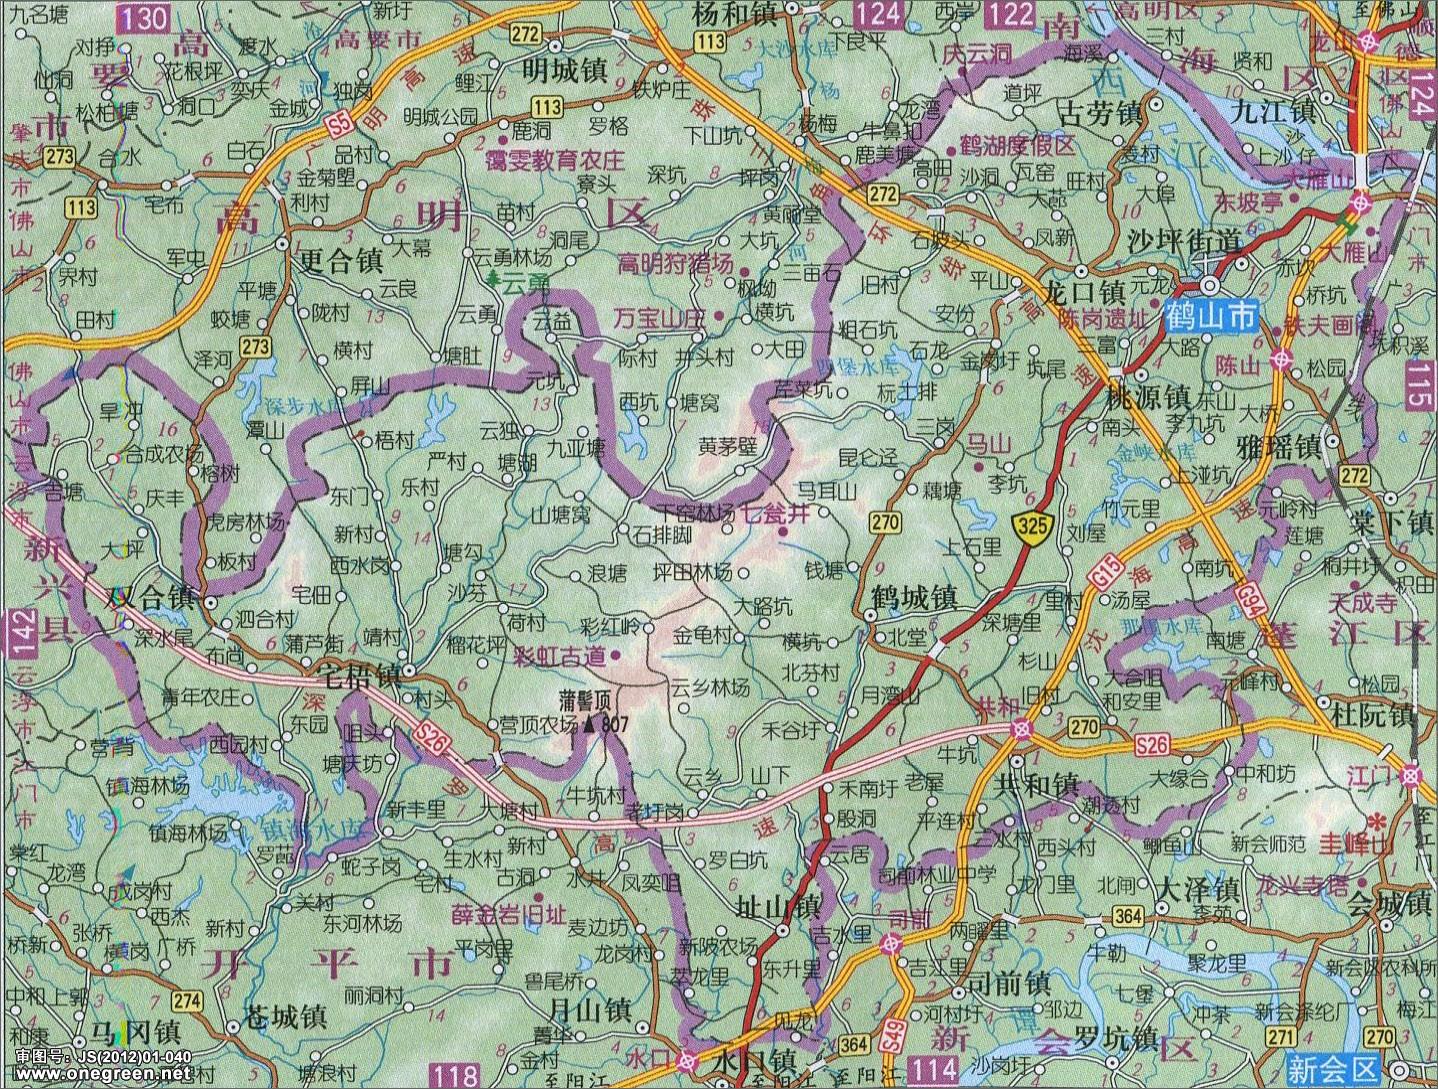 鹤山市地图